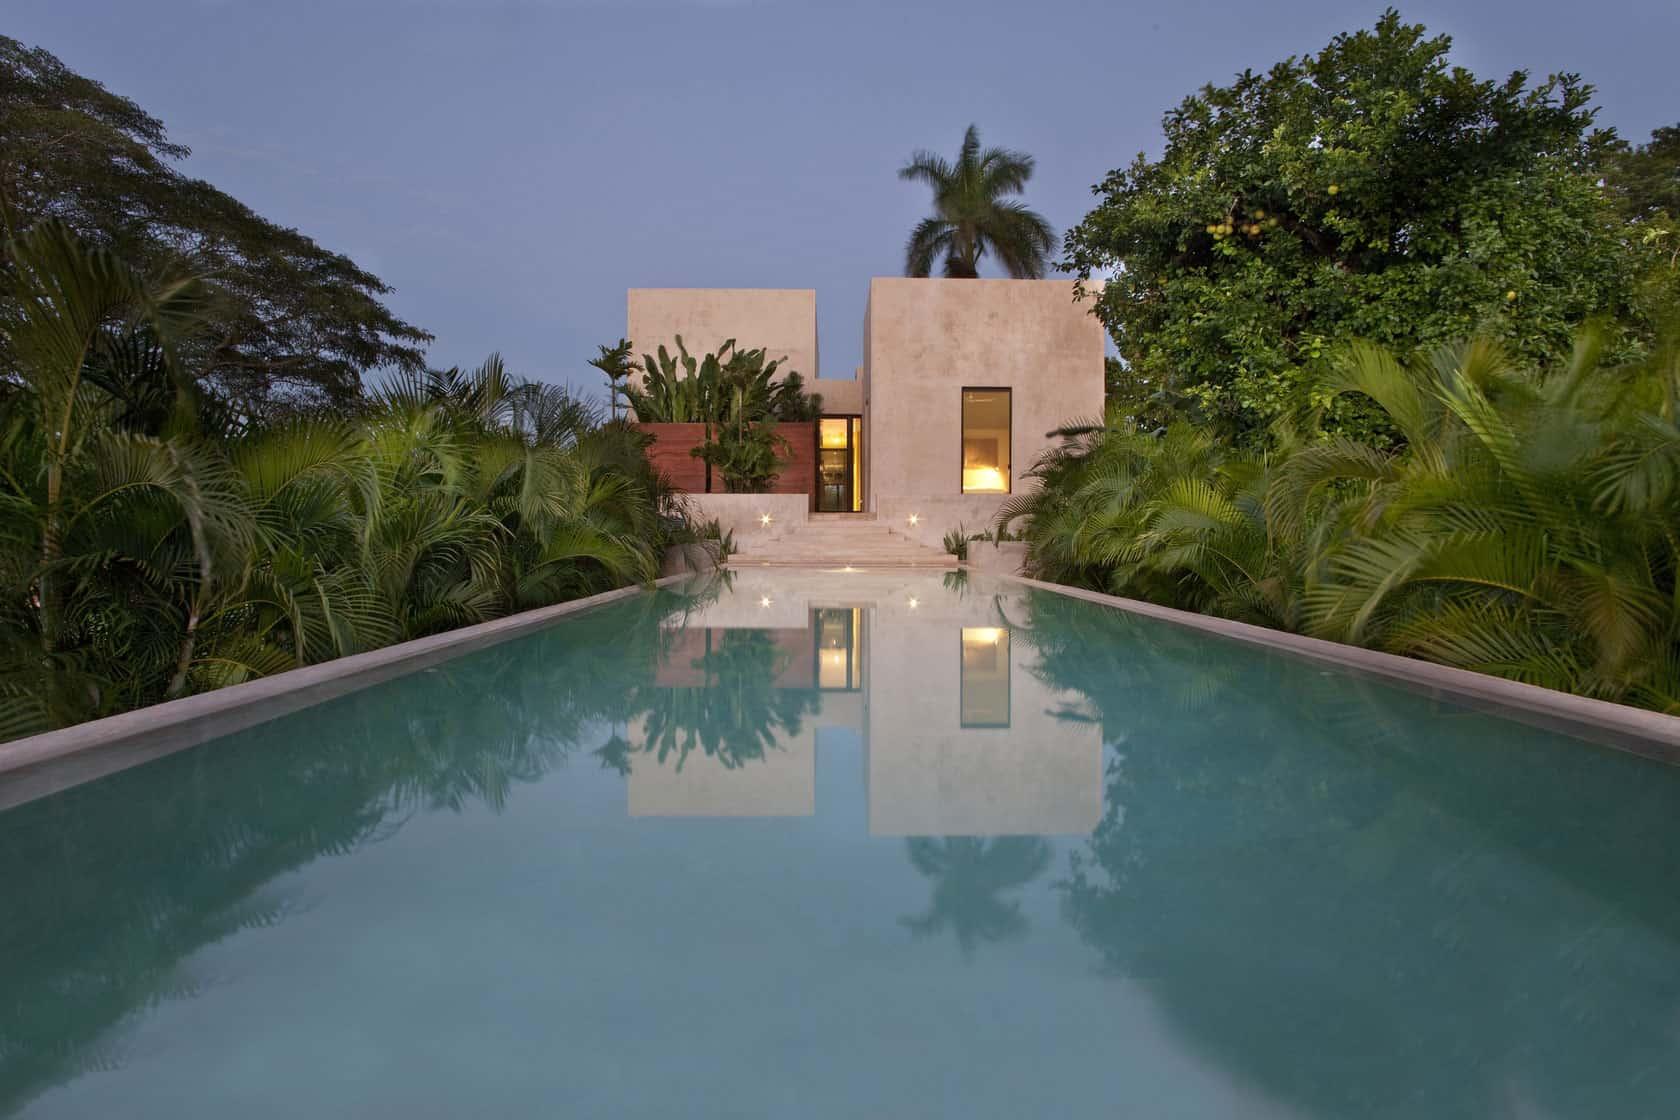 Hacienda Bacoc by Reyes Ríos + Larraín Arquitectos